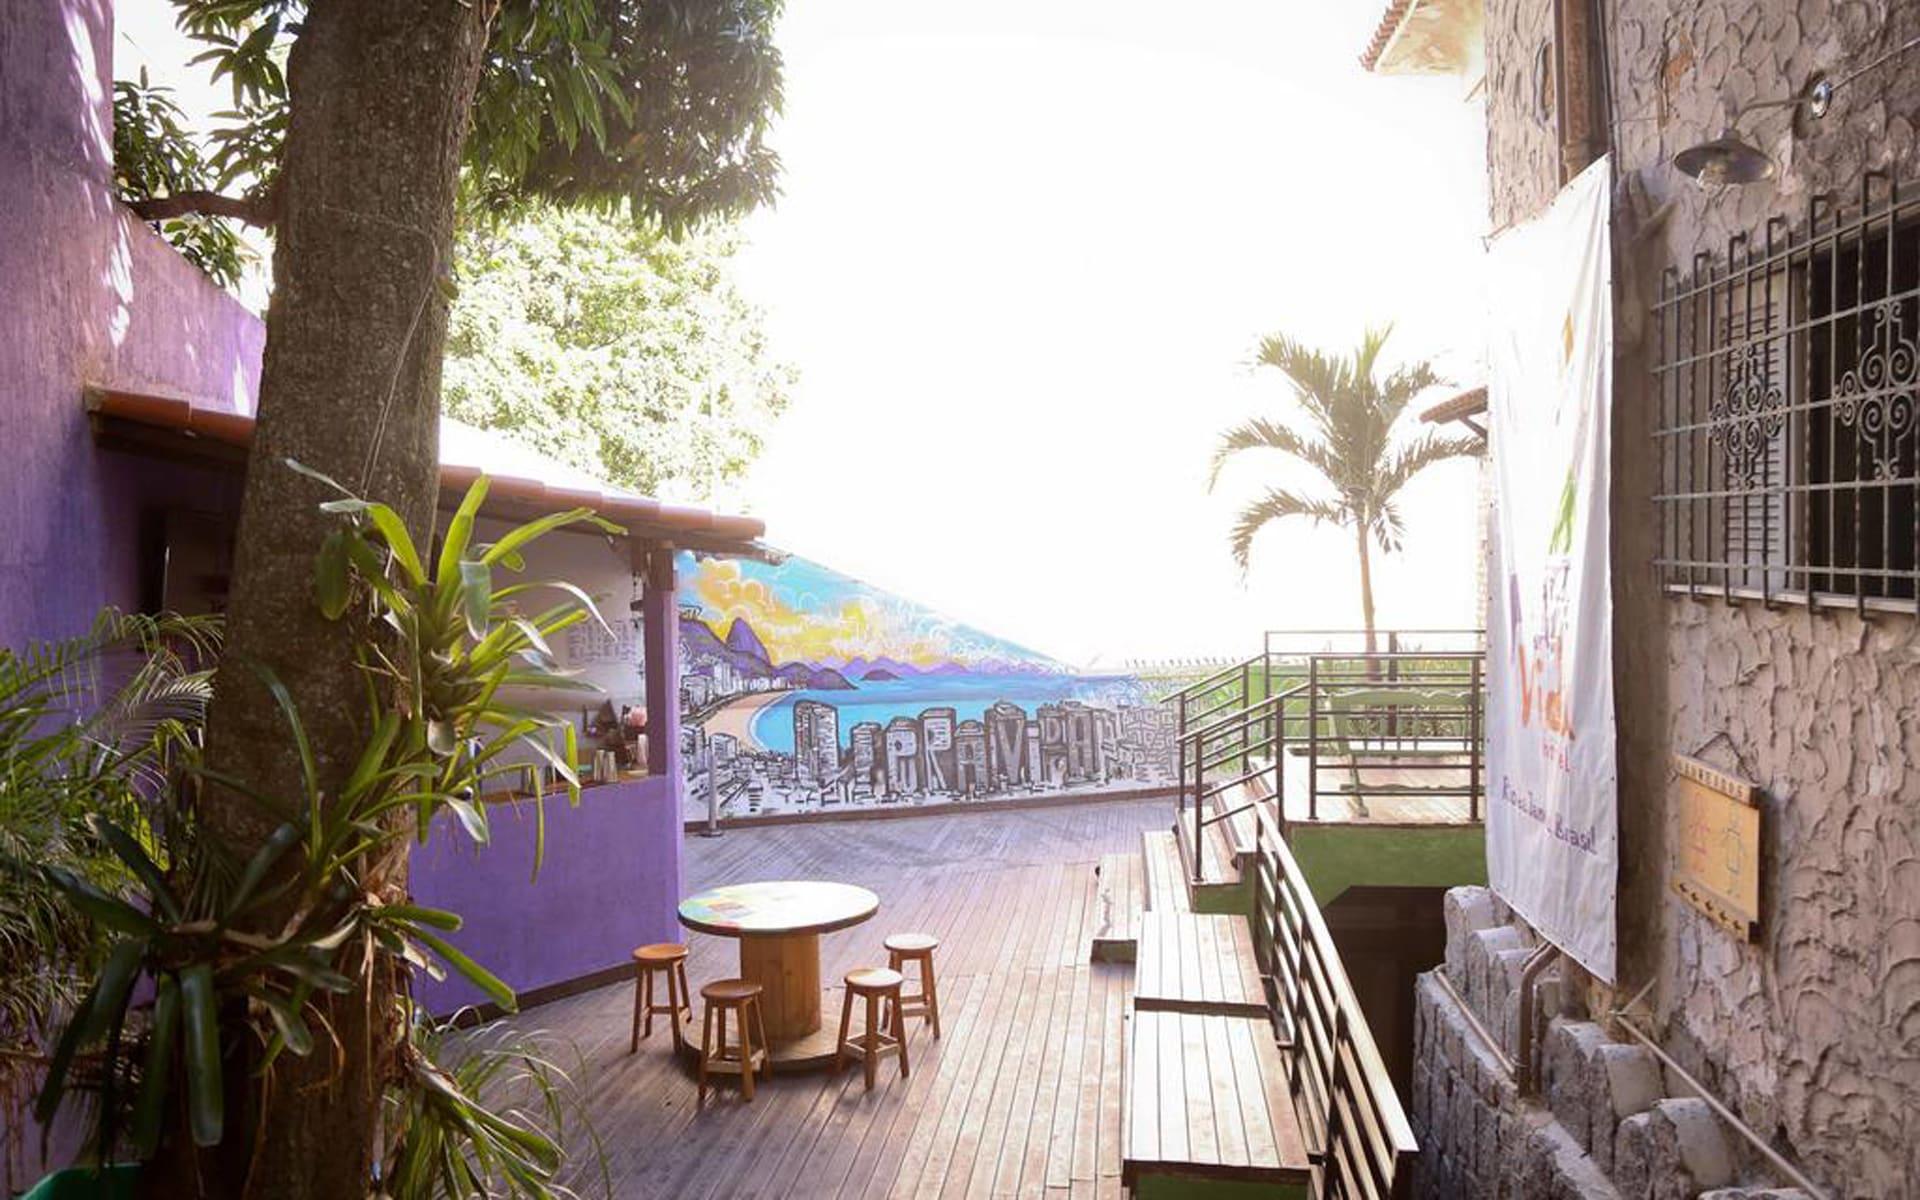 HOSTEL - Pura Vida Hostel Rio de Janeiro